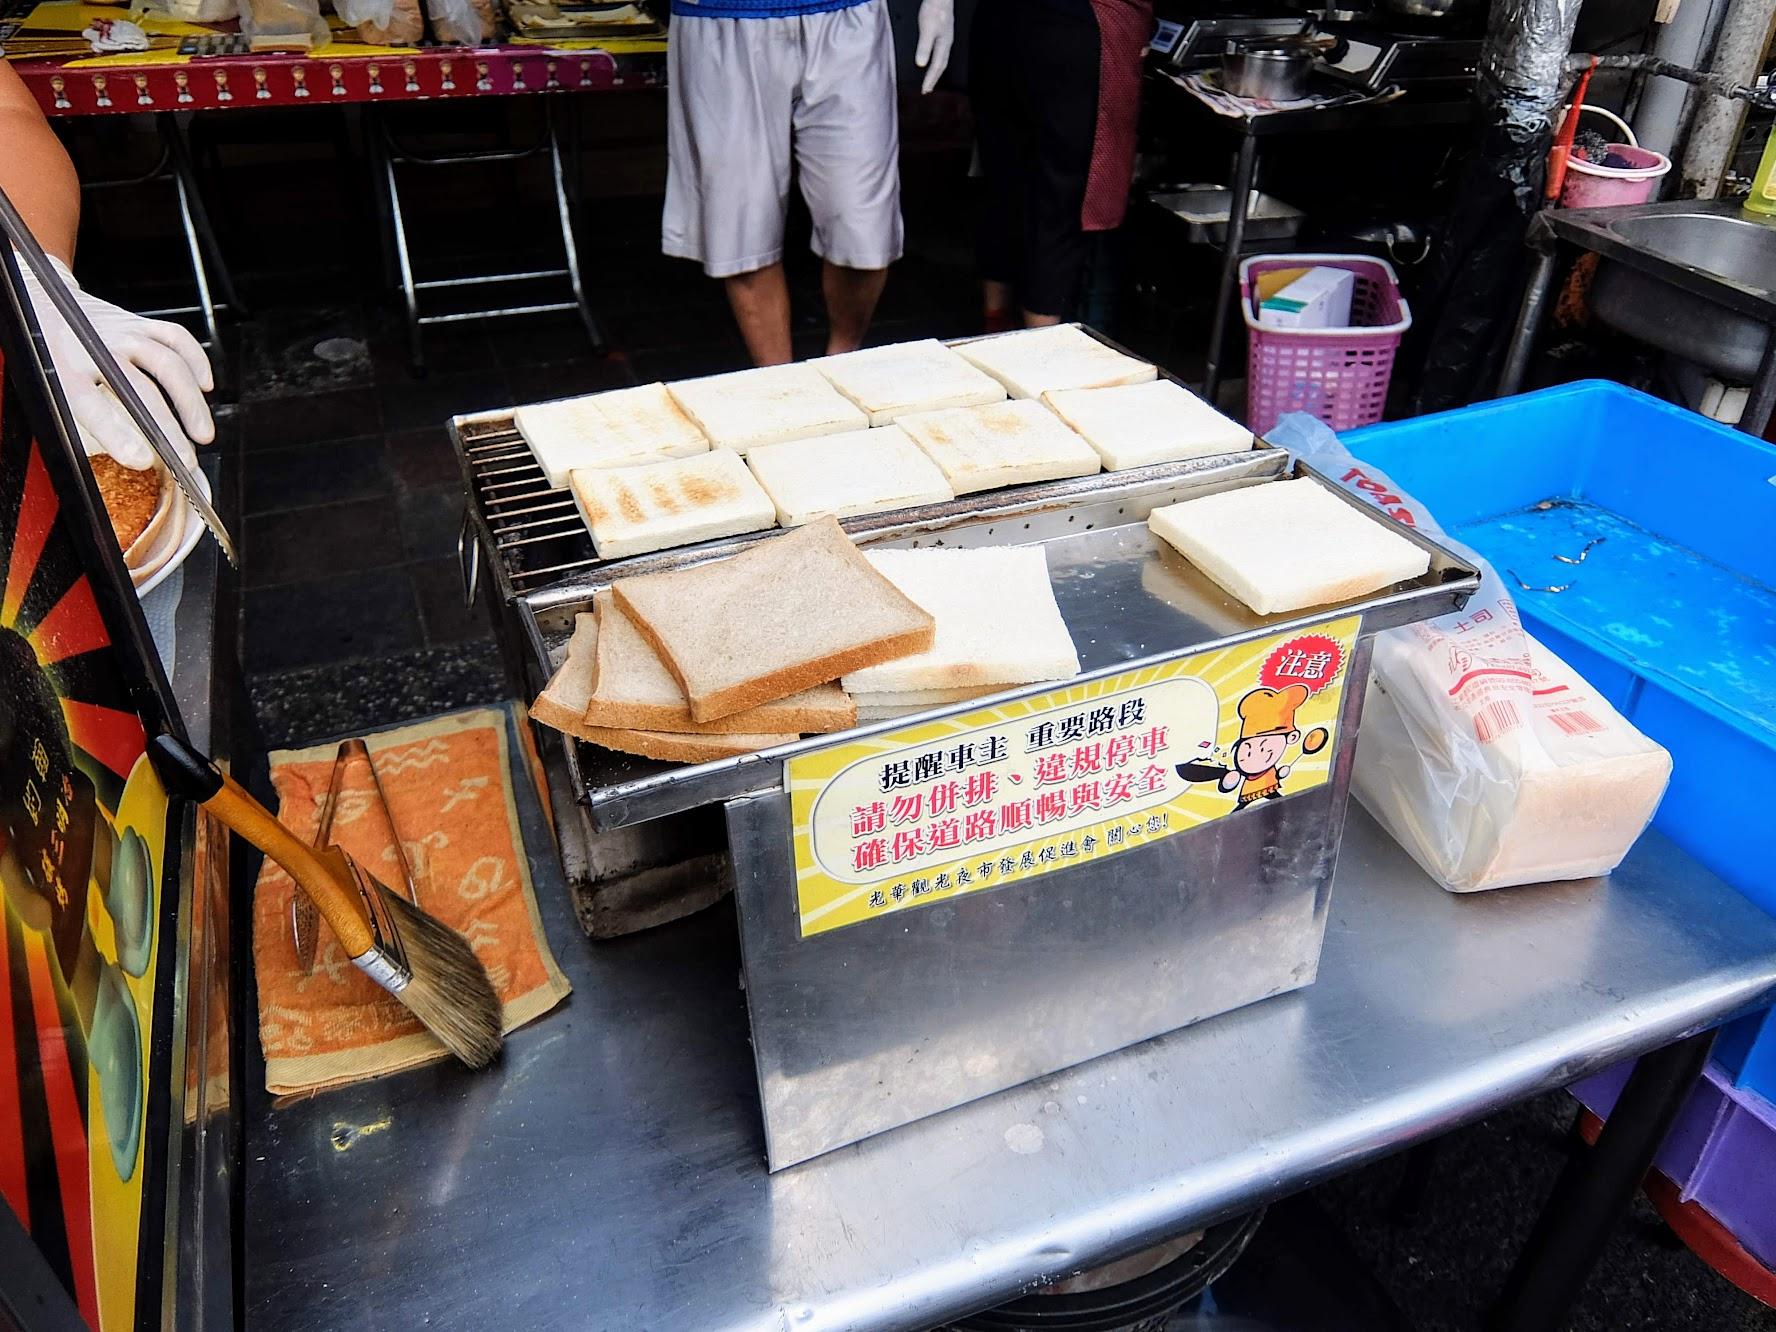 三明治的麵包都是炭火烤的